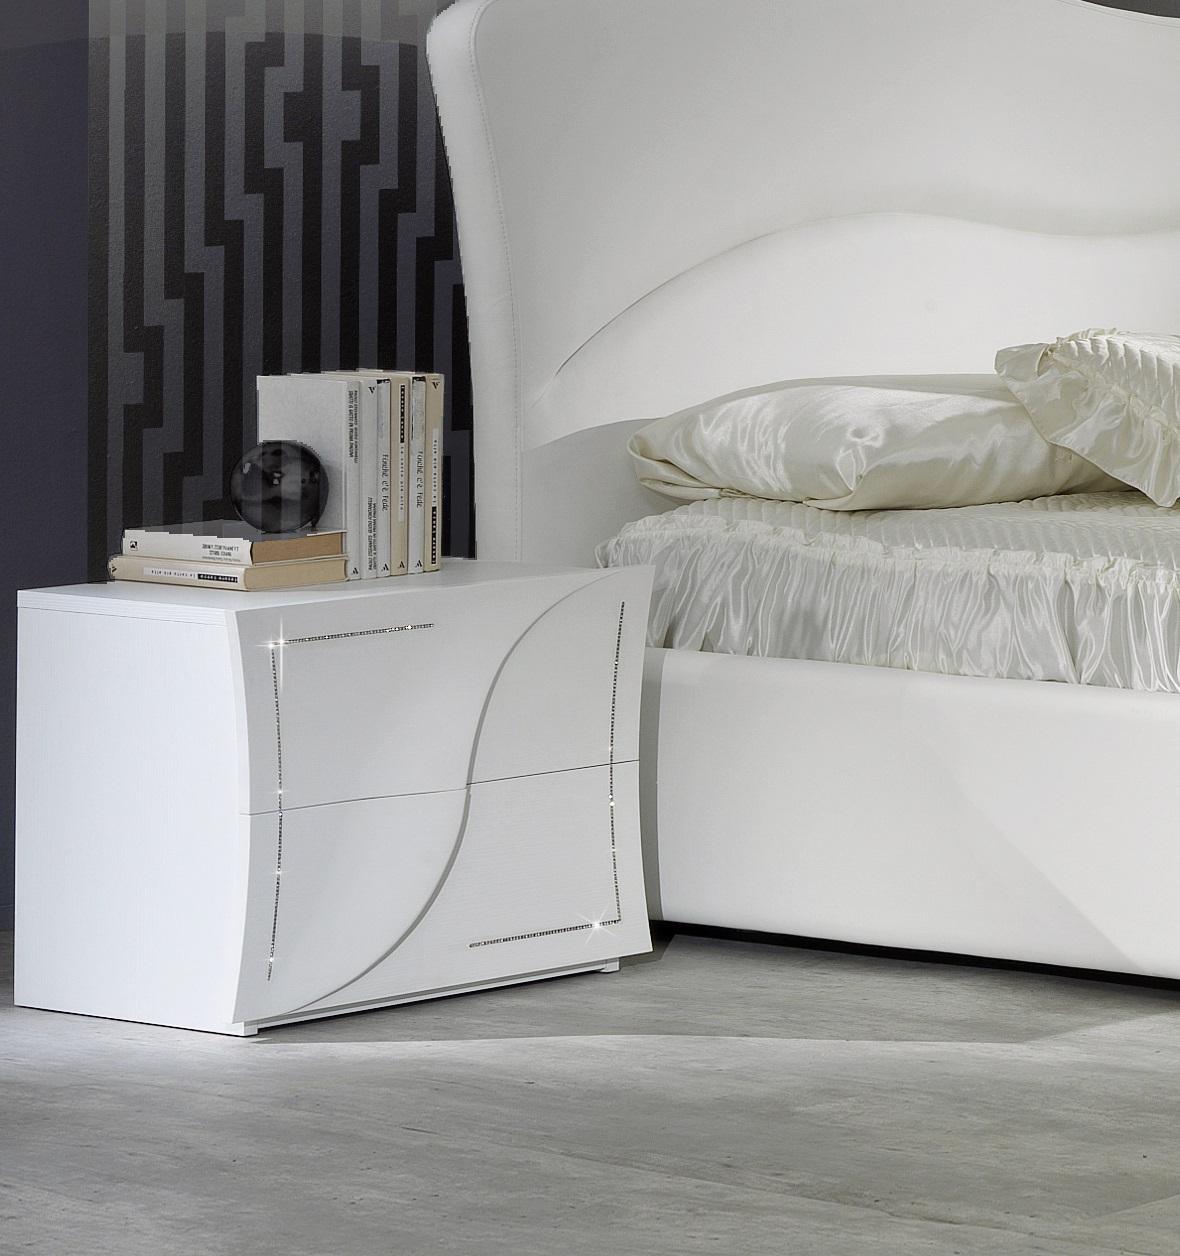 Schlafzimmer Schrank Modern Design Weisser Kleiderschrank: Modernes Kleiderschrank , Elegantes Schlafzimmer